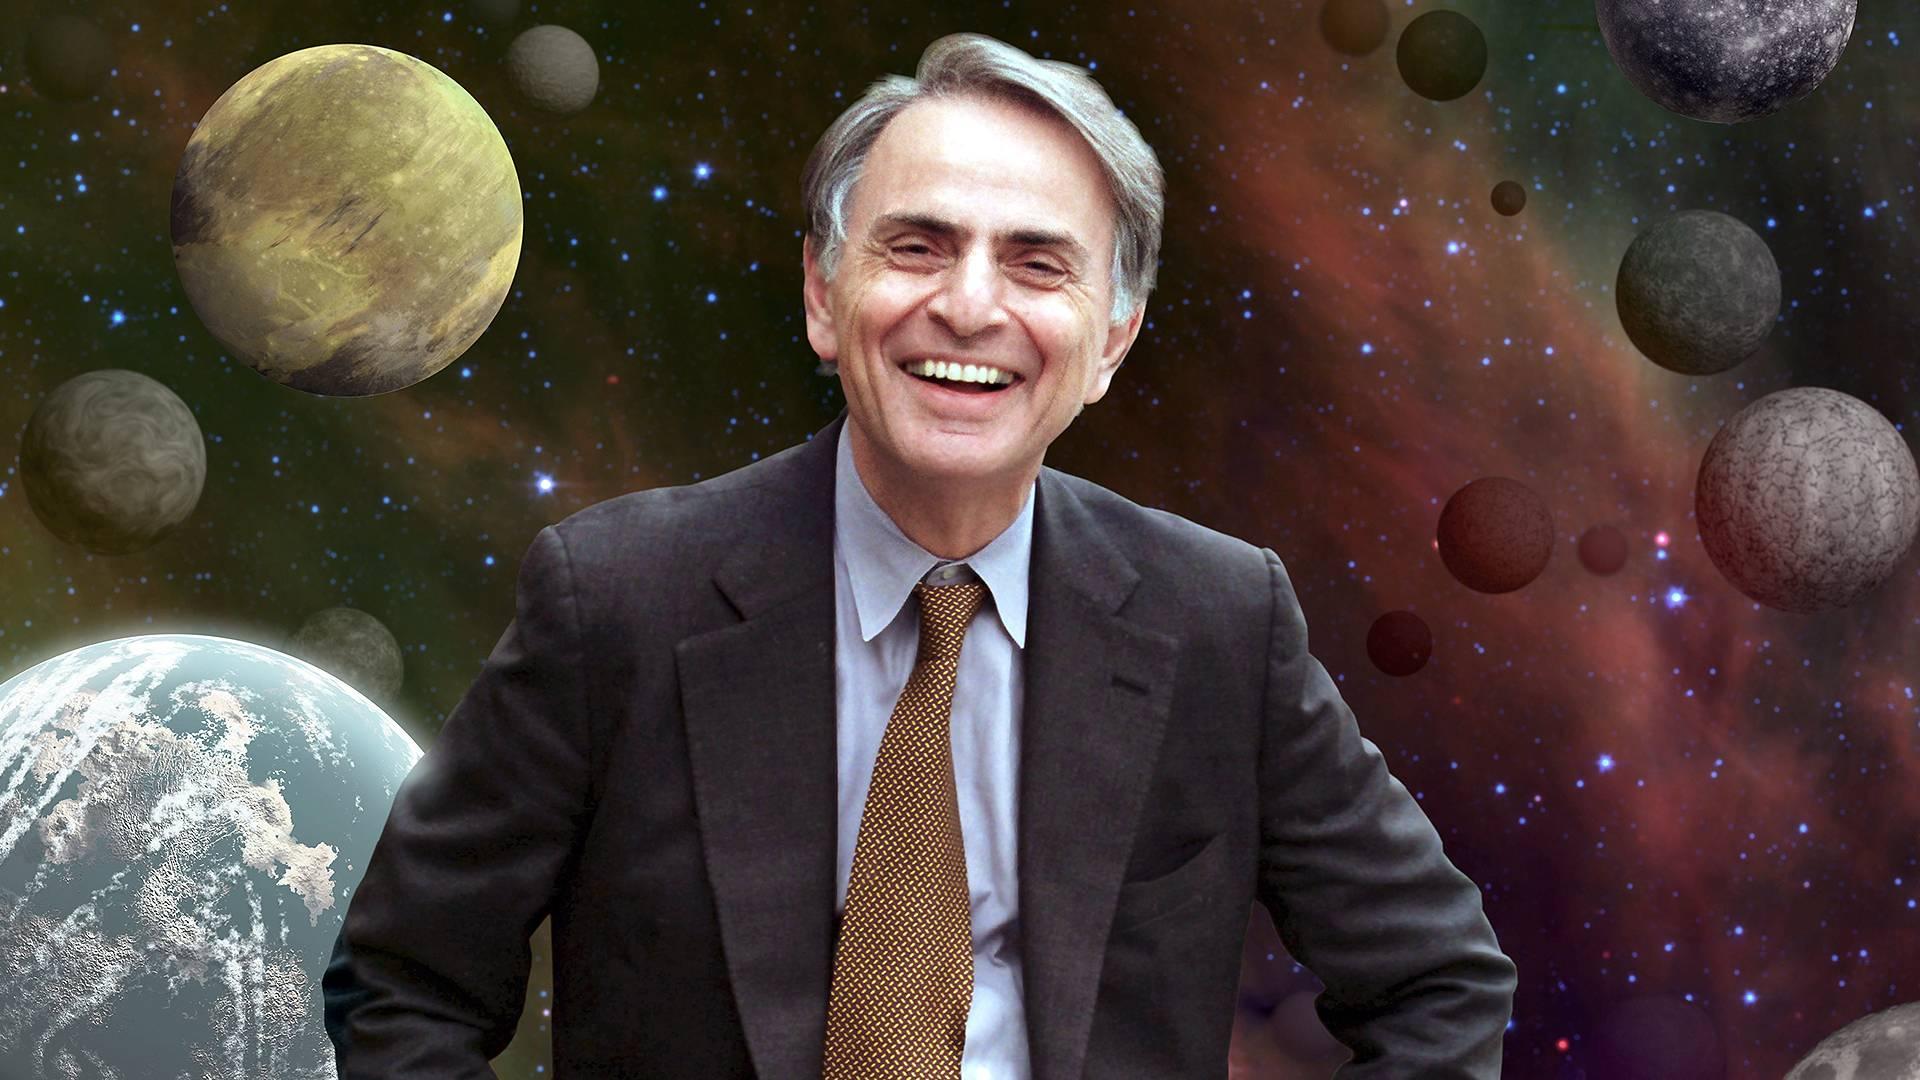 La astronomía en los últimos siglos ha estudiado detalladamente el espacio revelando descubrimientos magníficos para la humanidad gracias a la ciencia.